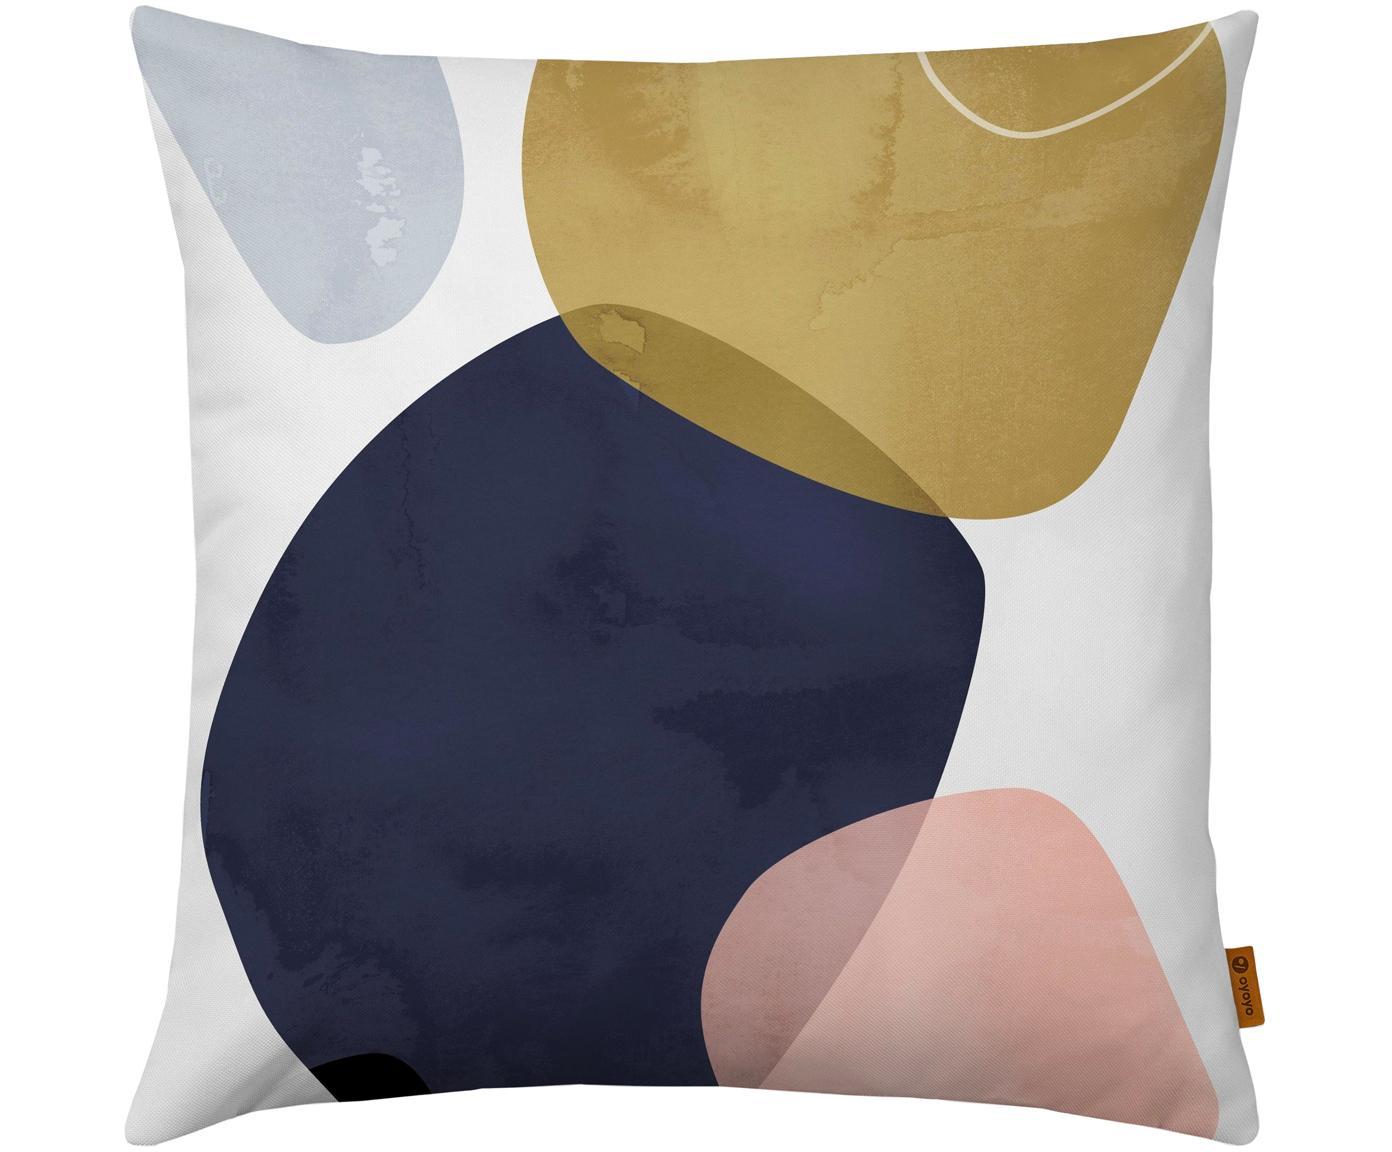 Kissenhülle Graphic mit geometrischem Print, Polyester, Blau, Gold, Weiss, 40 x 40 cm